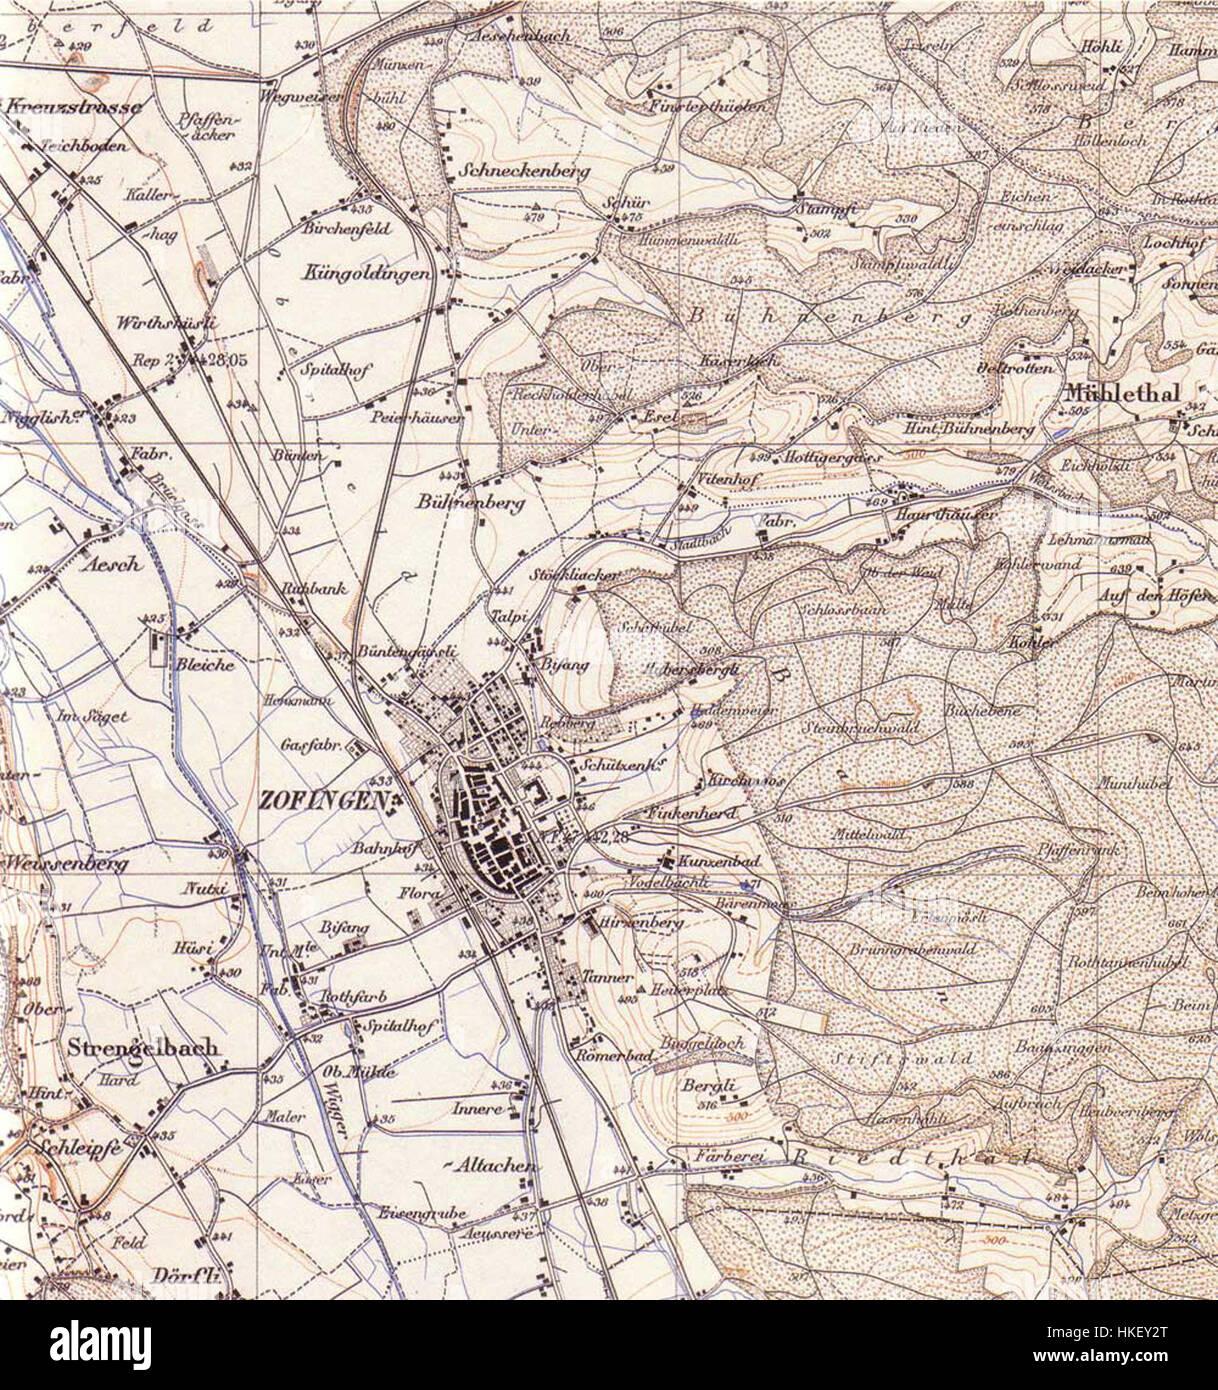 Zofingen 1884 - Stock Image